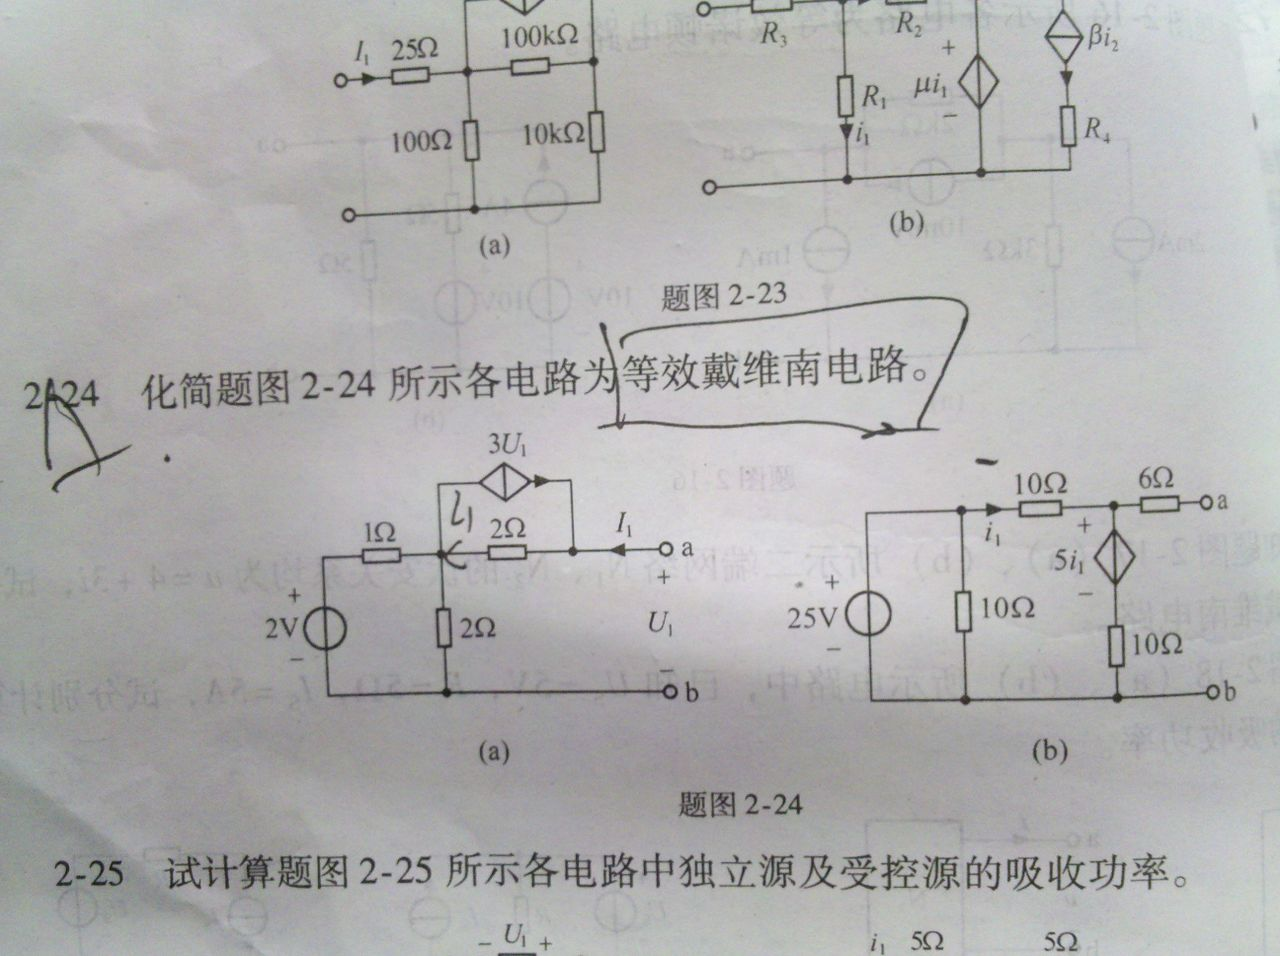 一个电路分析题目 简化为戴维南电路